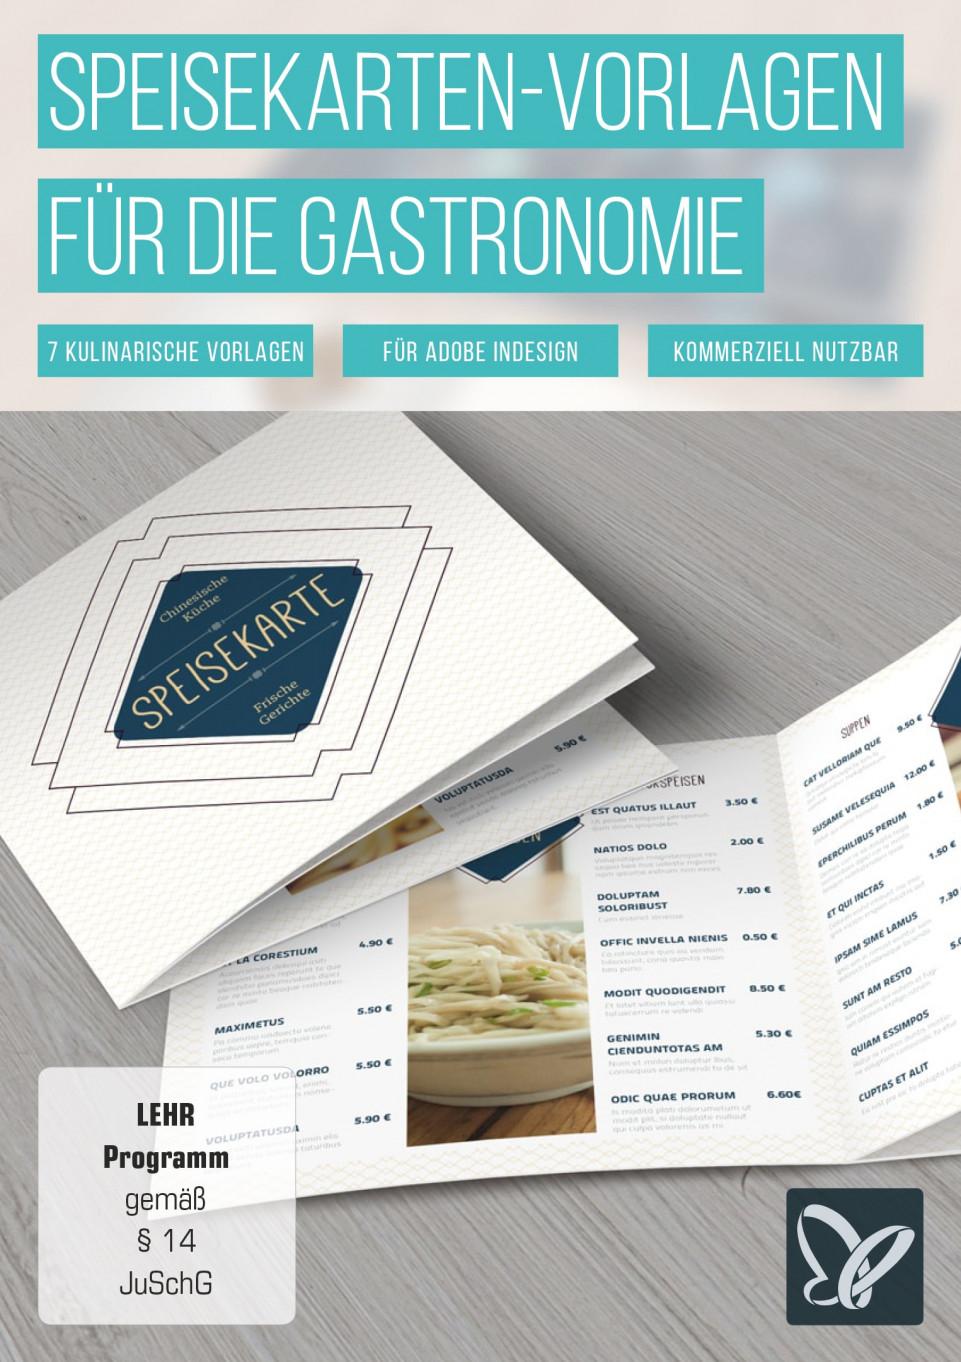 Speisekarten-Vorlagen für Designer und Gastronomen